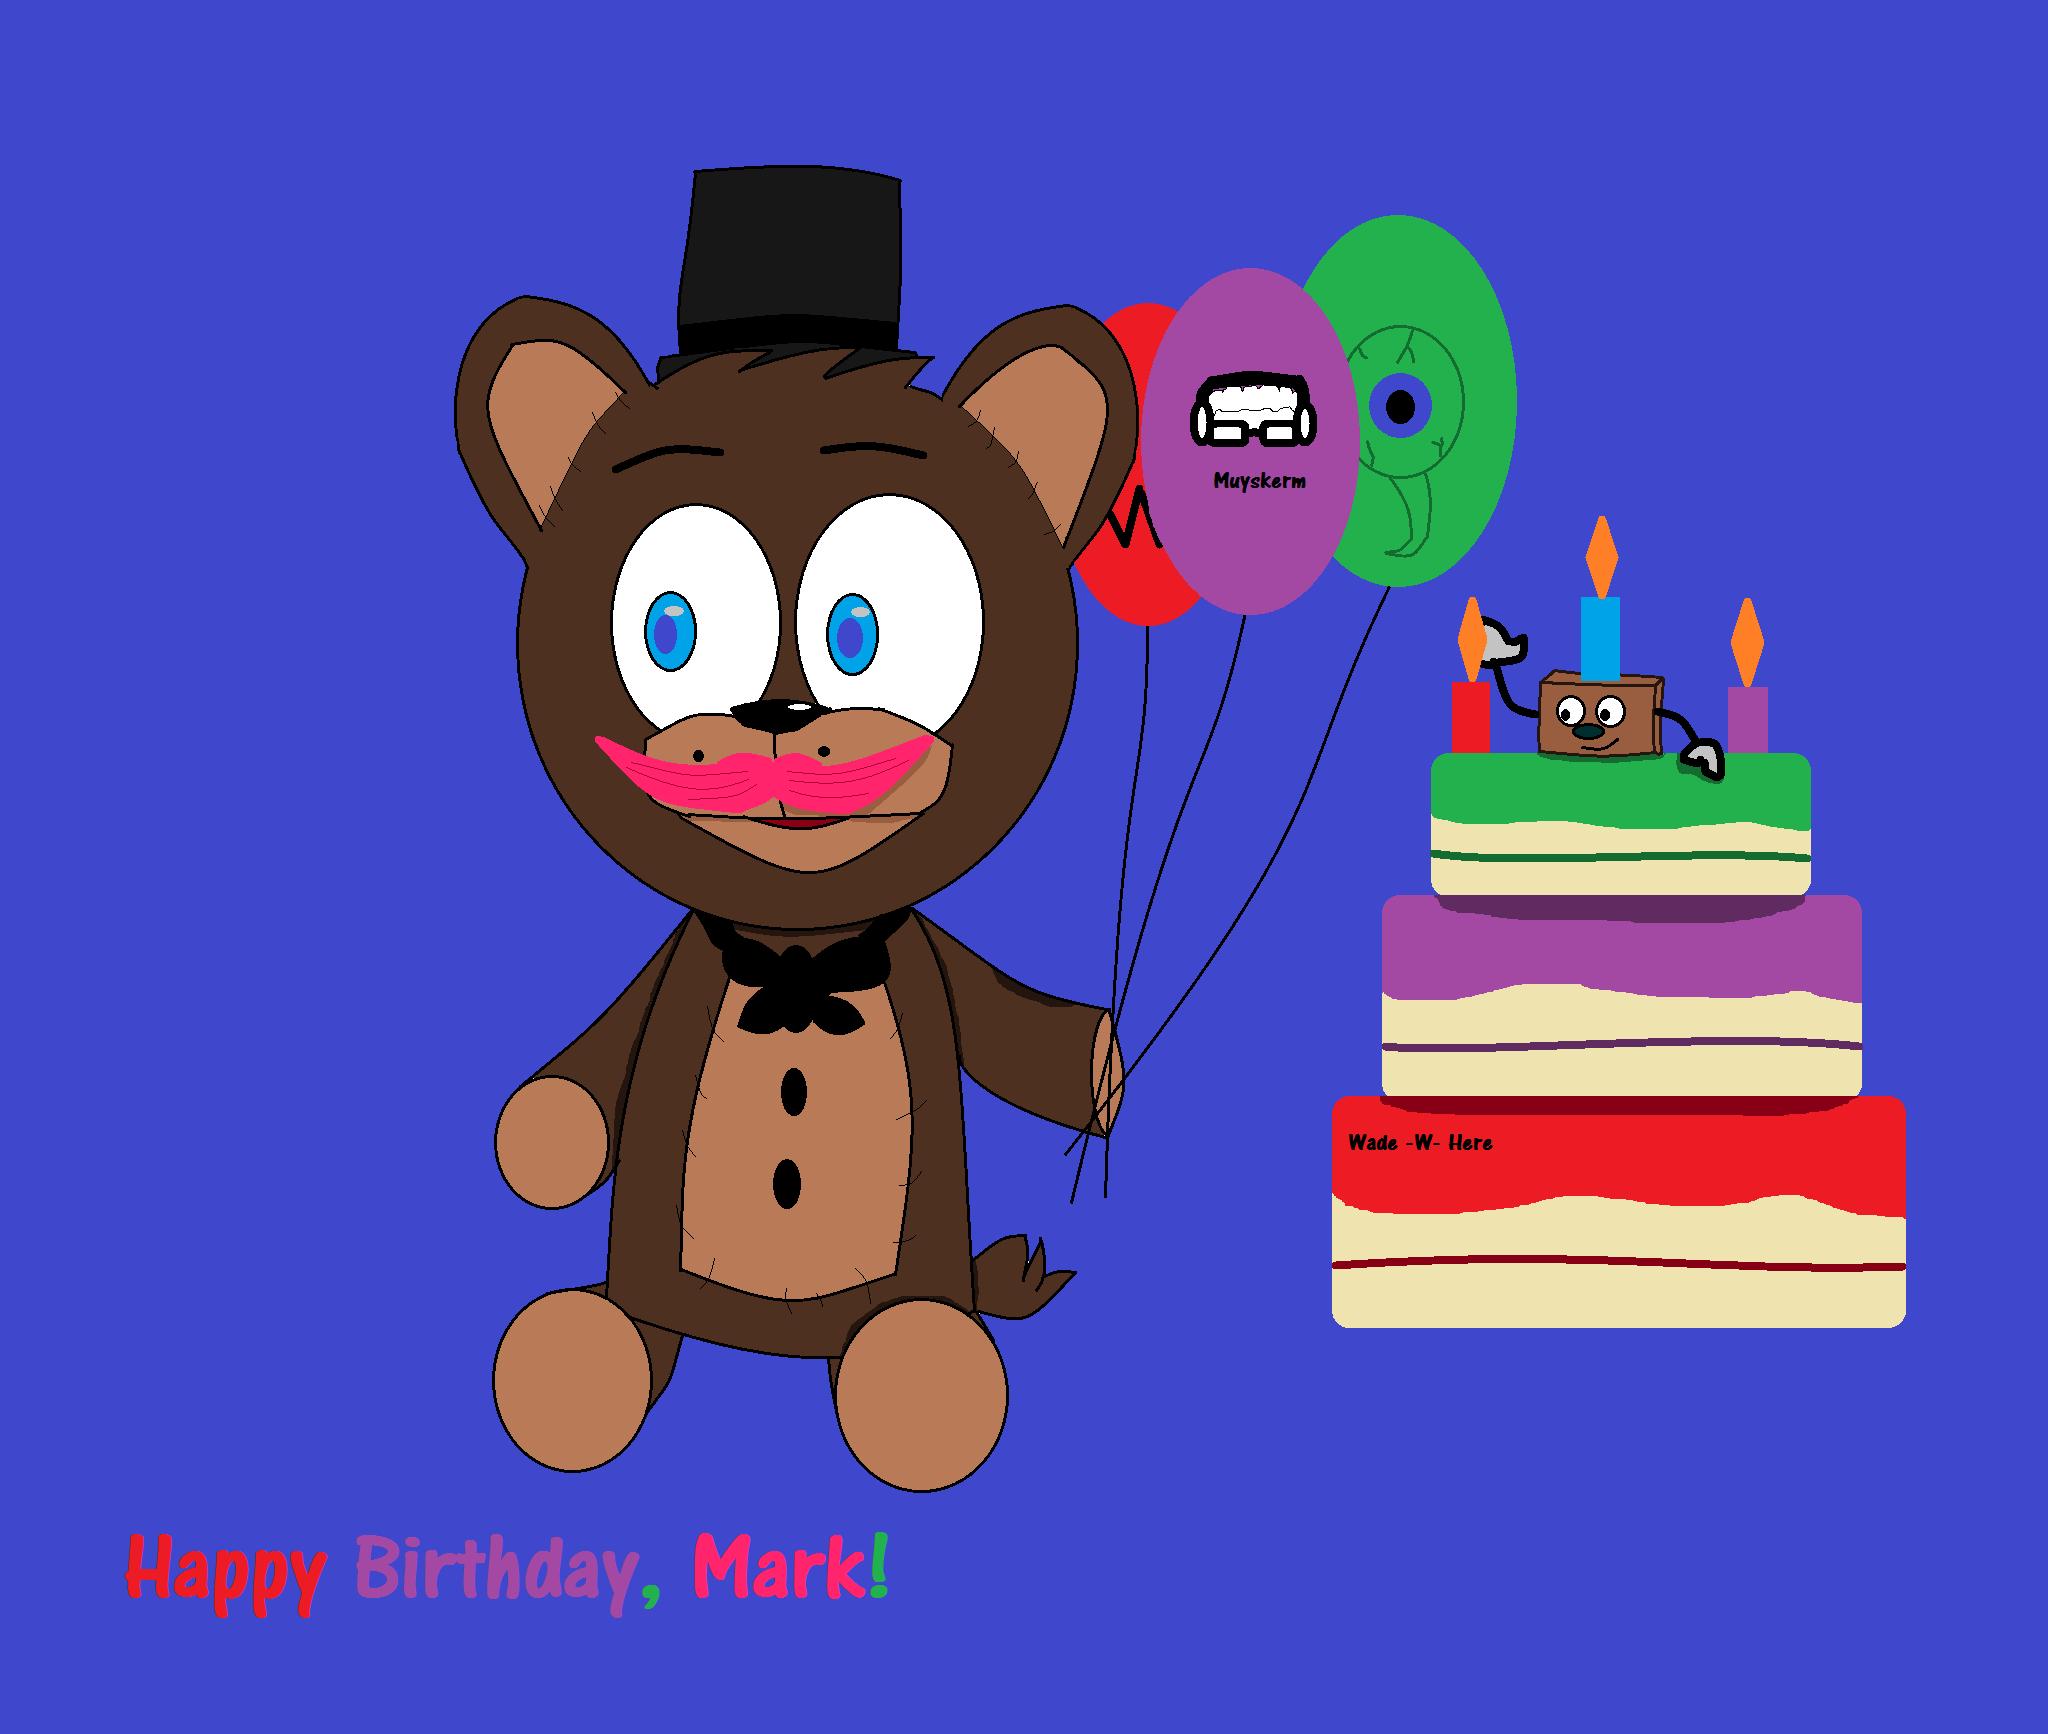 Marks Birthday